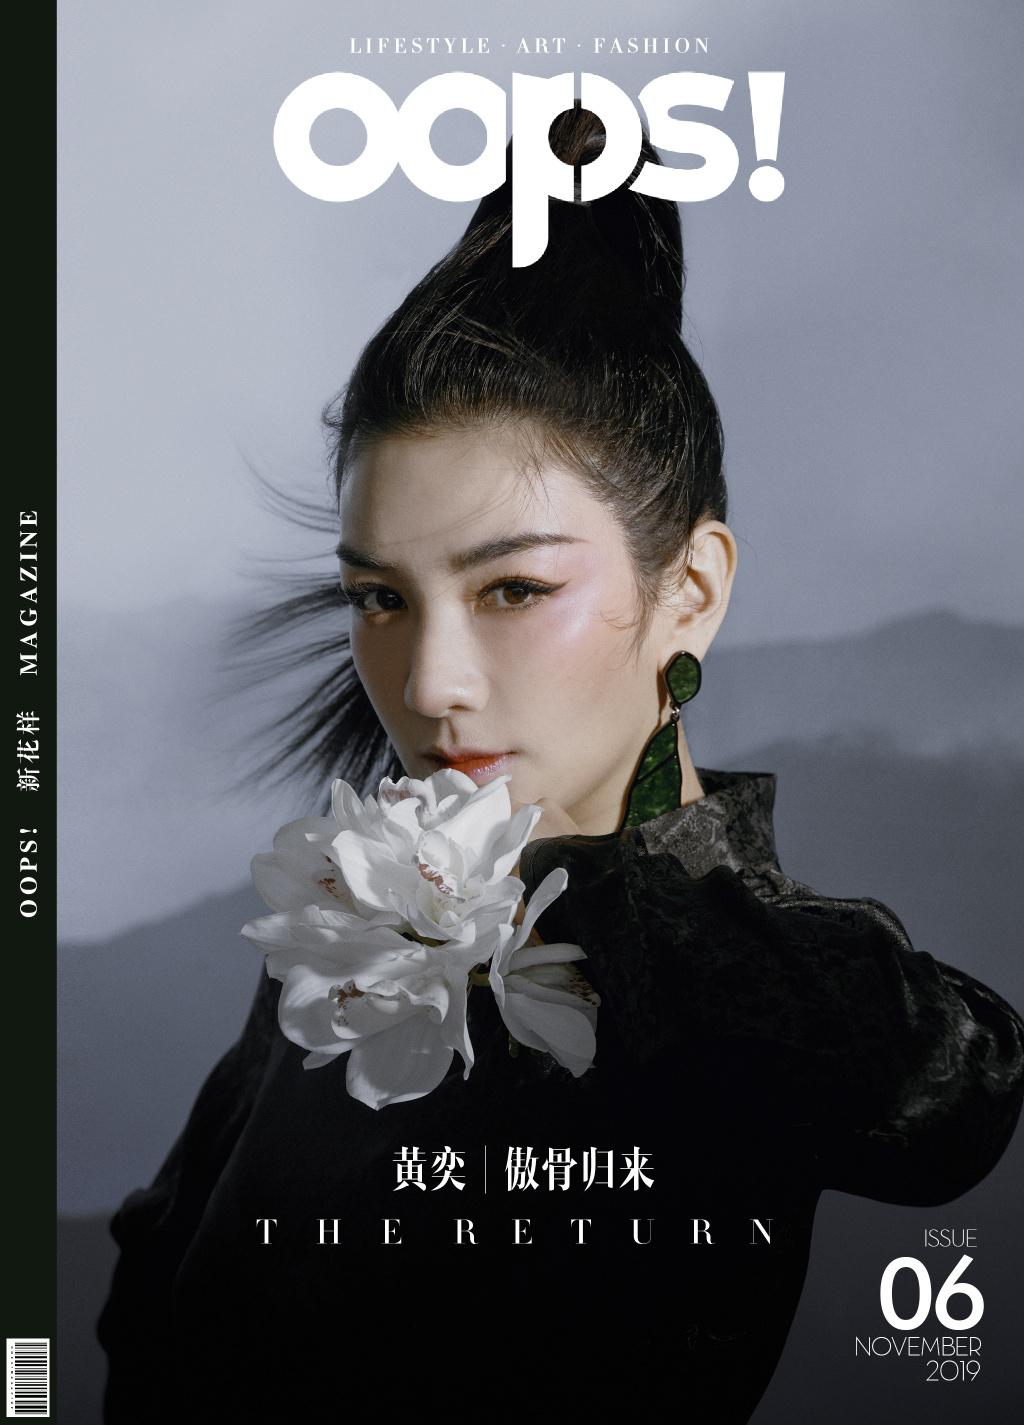 黄奕最新封面大片曝光 侠骨柔情引发回忆杀